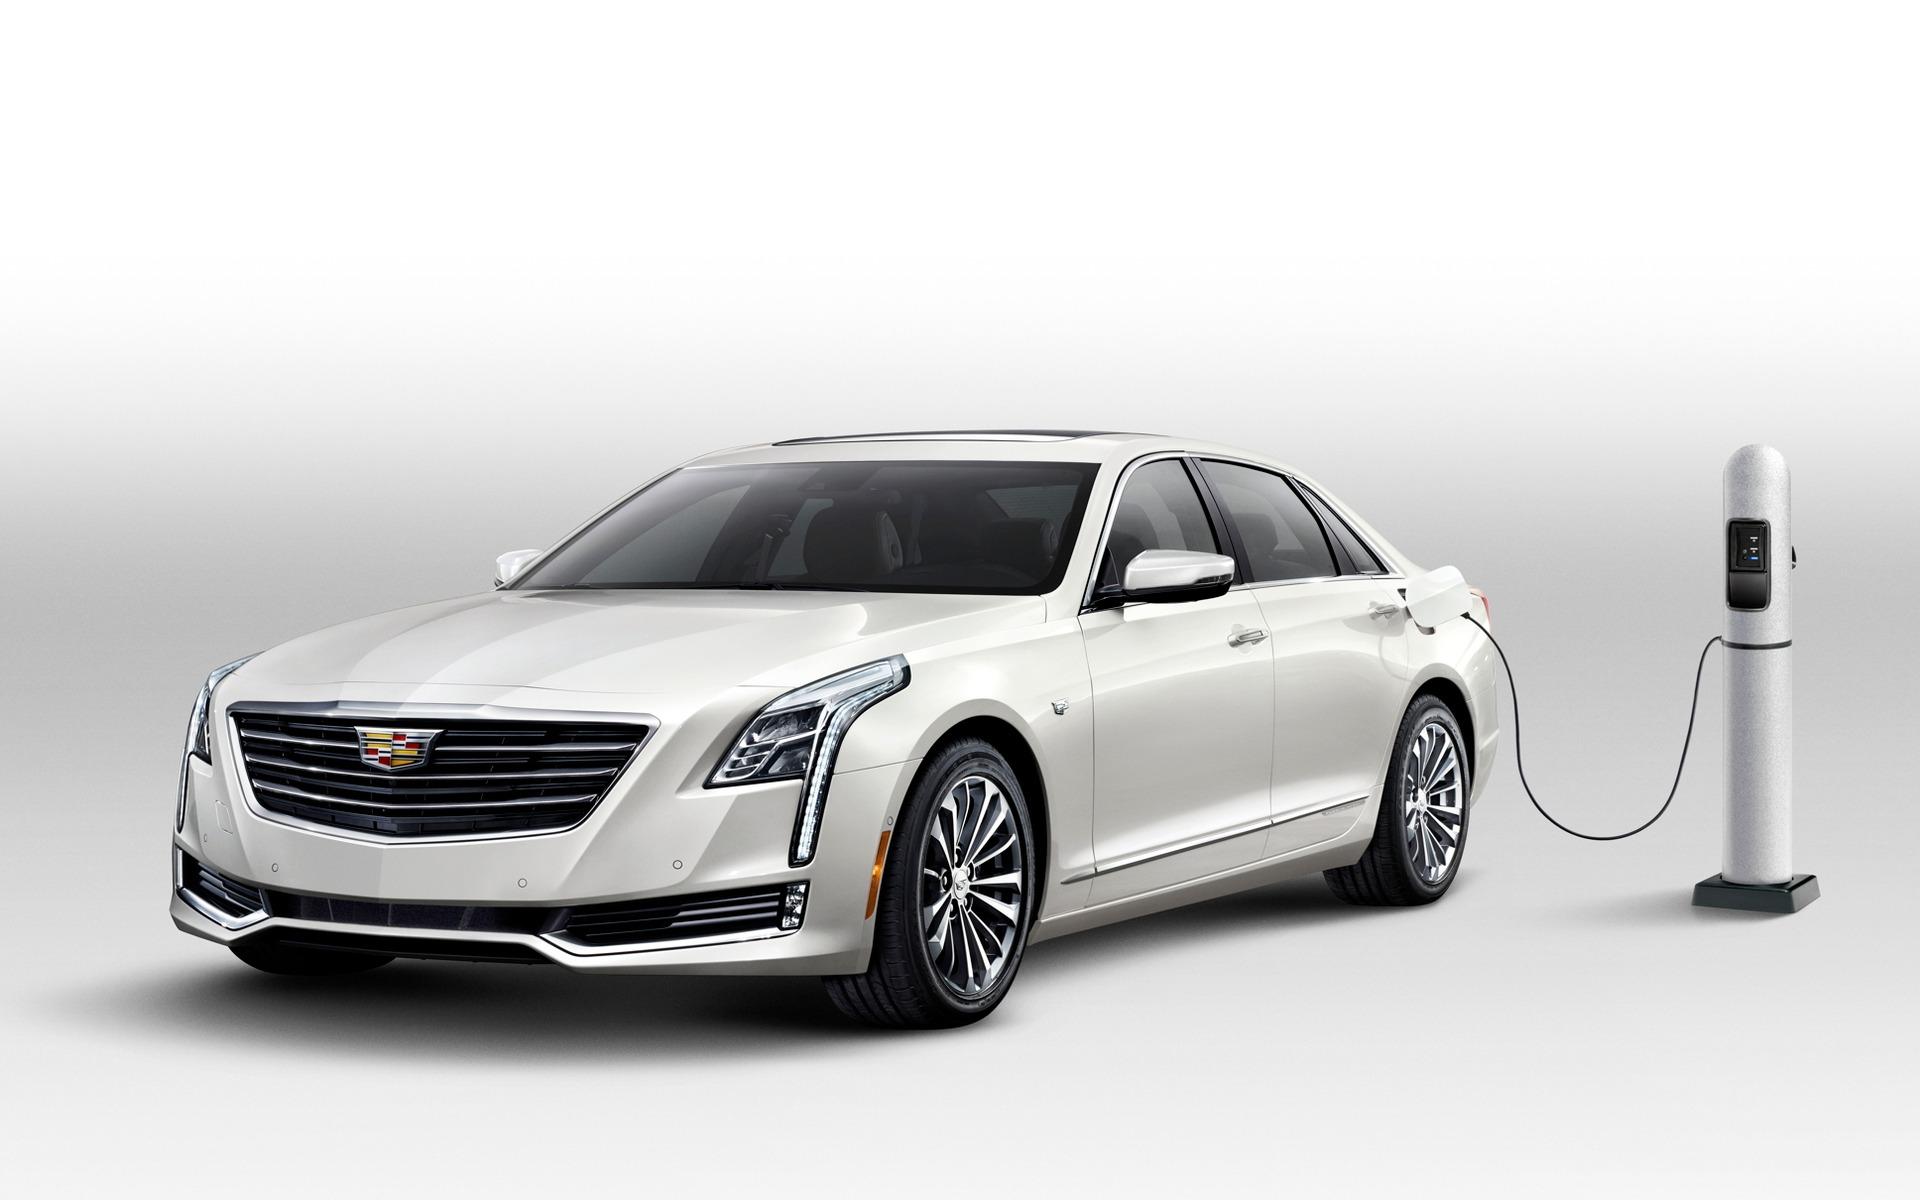 platinum sale edition escalade hybrid reviews cars cadillac for